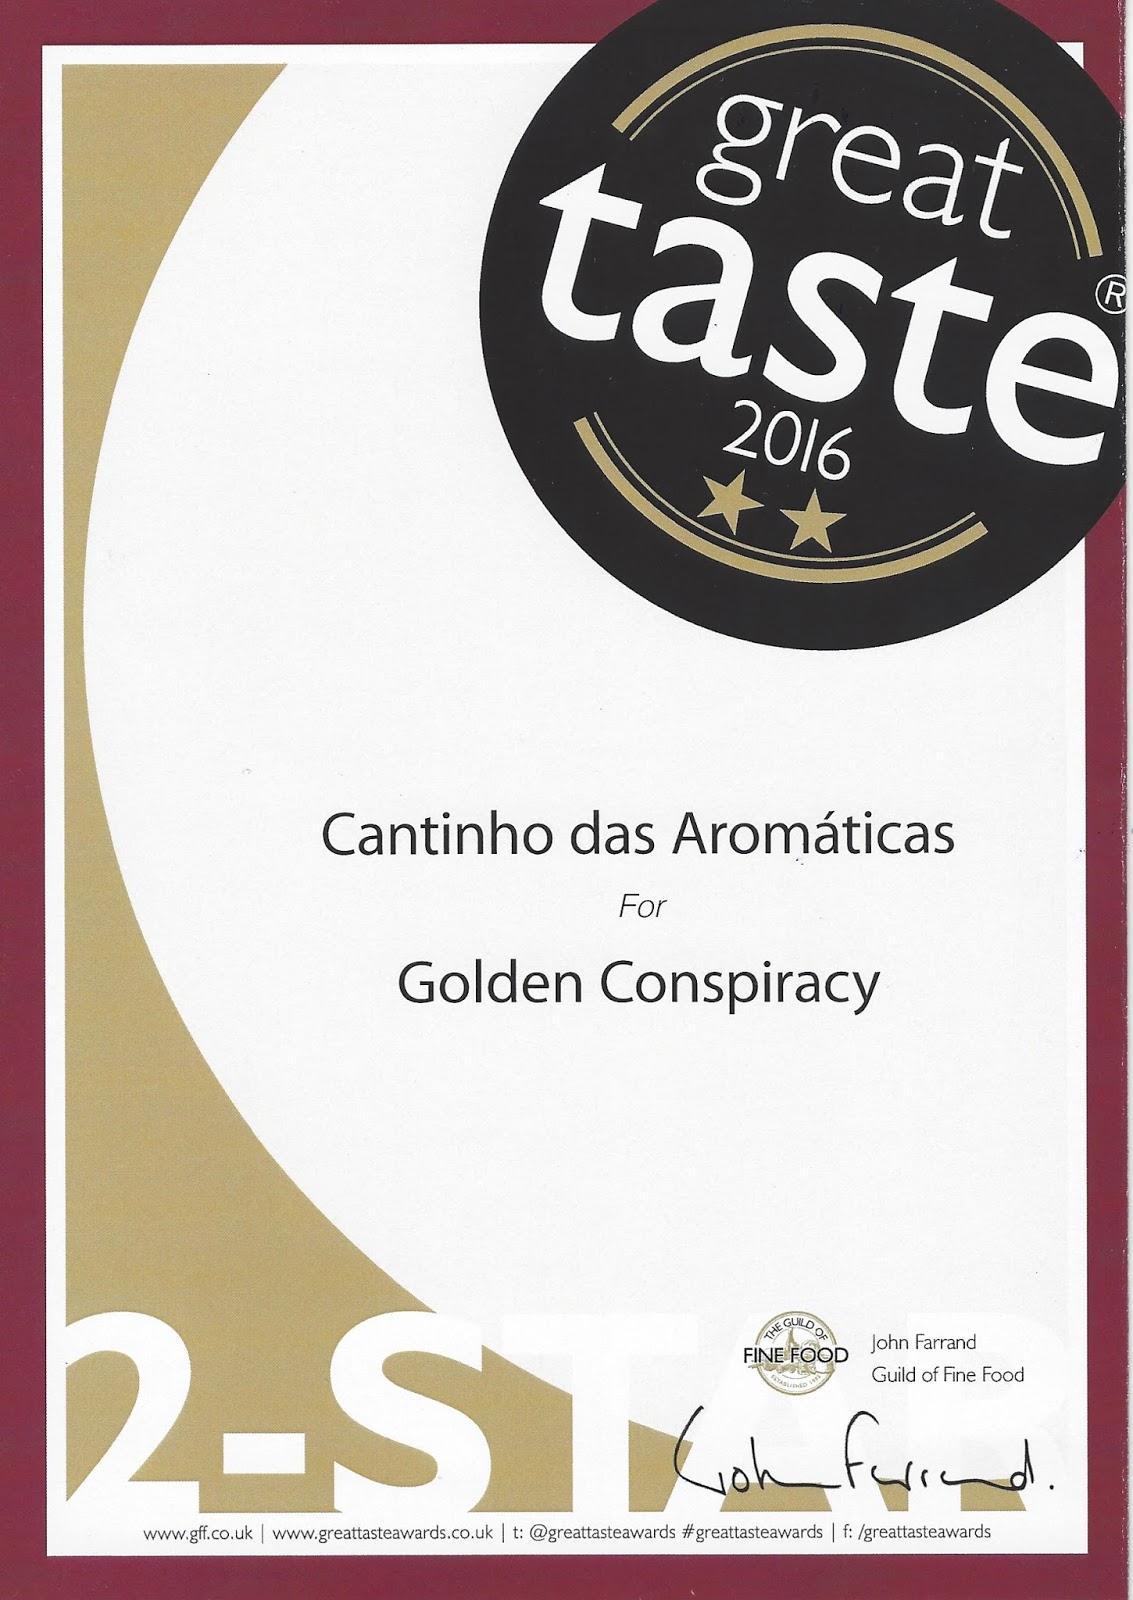 http://www.cantinhodasaromaticas.pt/loja/destaques-entrada/conspiracao-douro-tisana-bio-embalagem-40g/